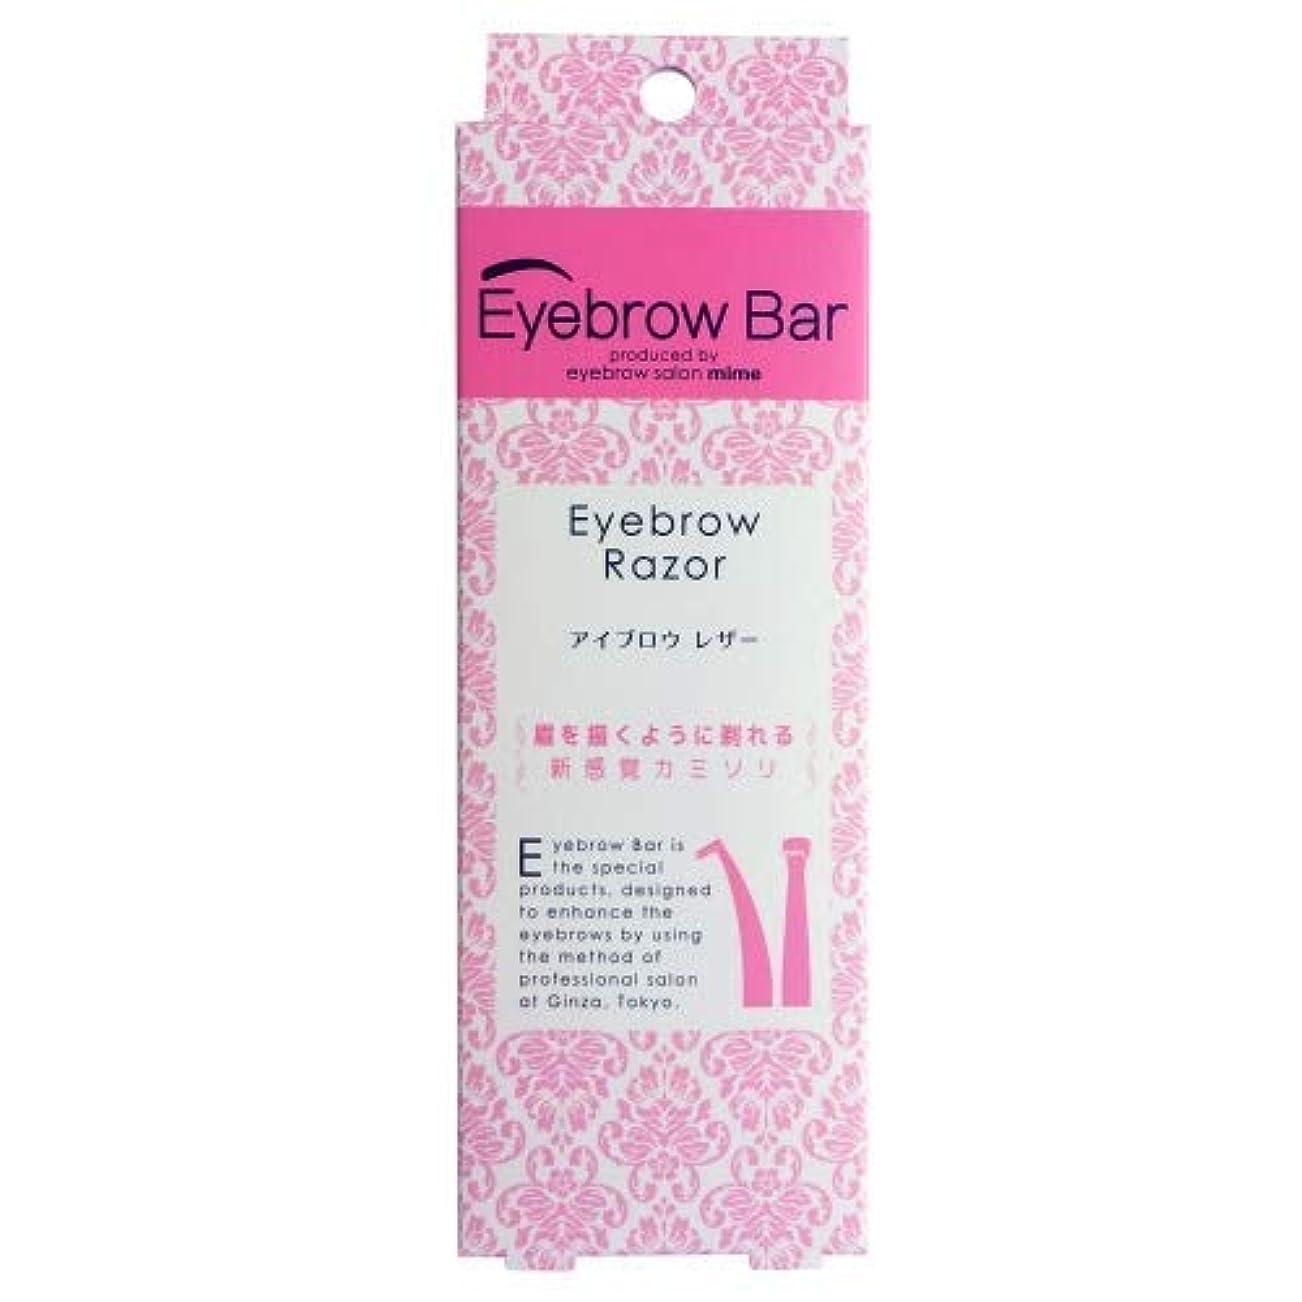 波歪める懲戒EBB-03 Eyebrow Bar アイブロウ レザー 1本 × 4個セット